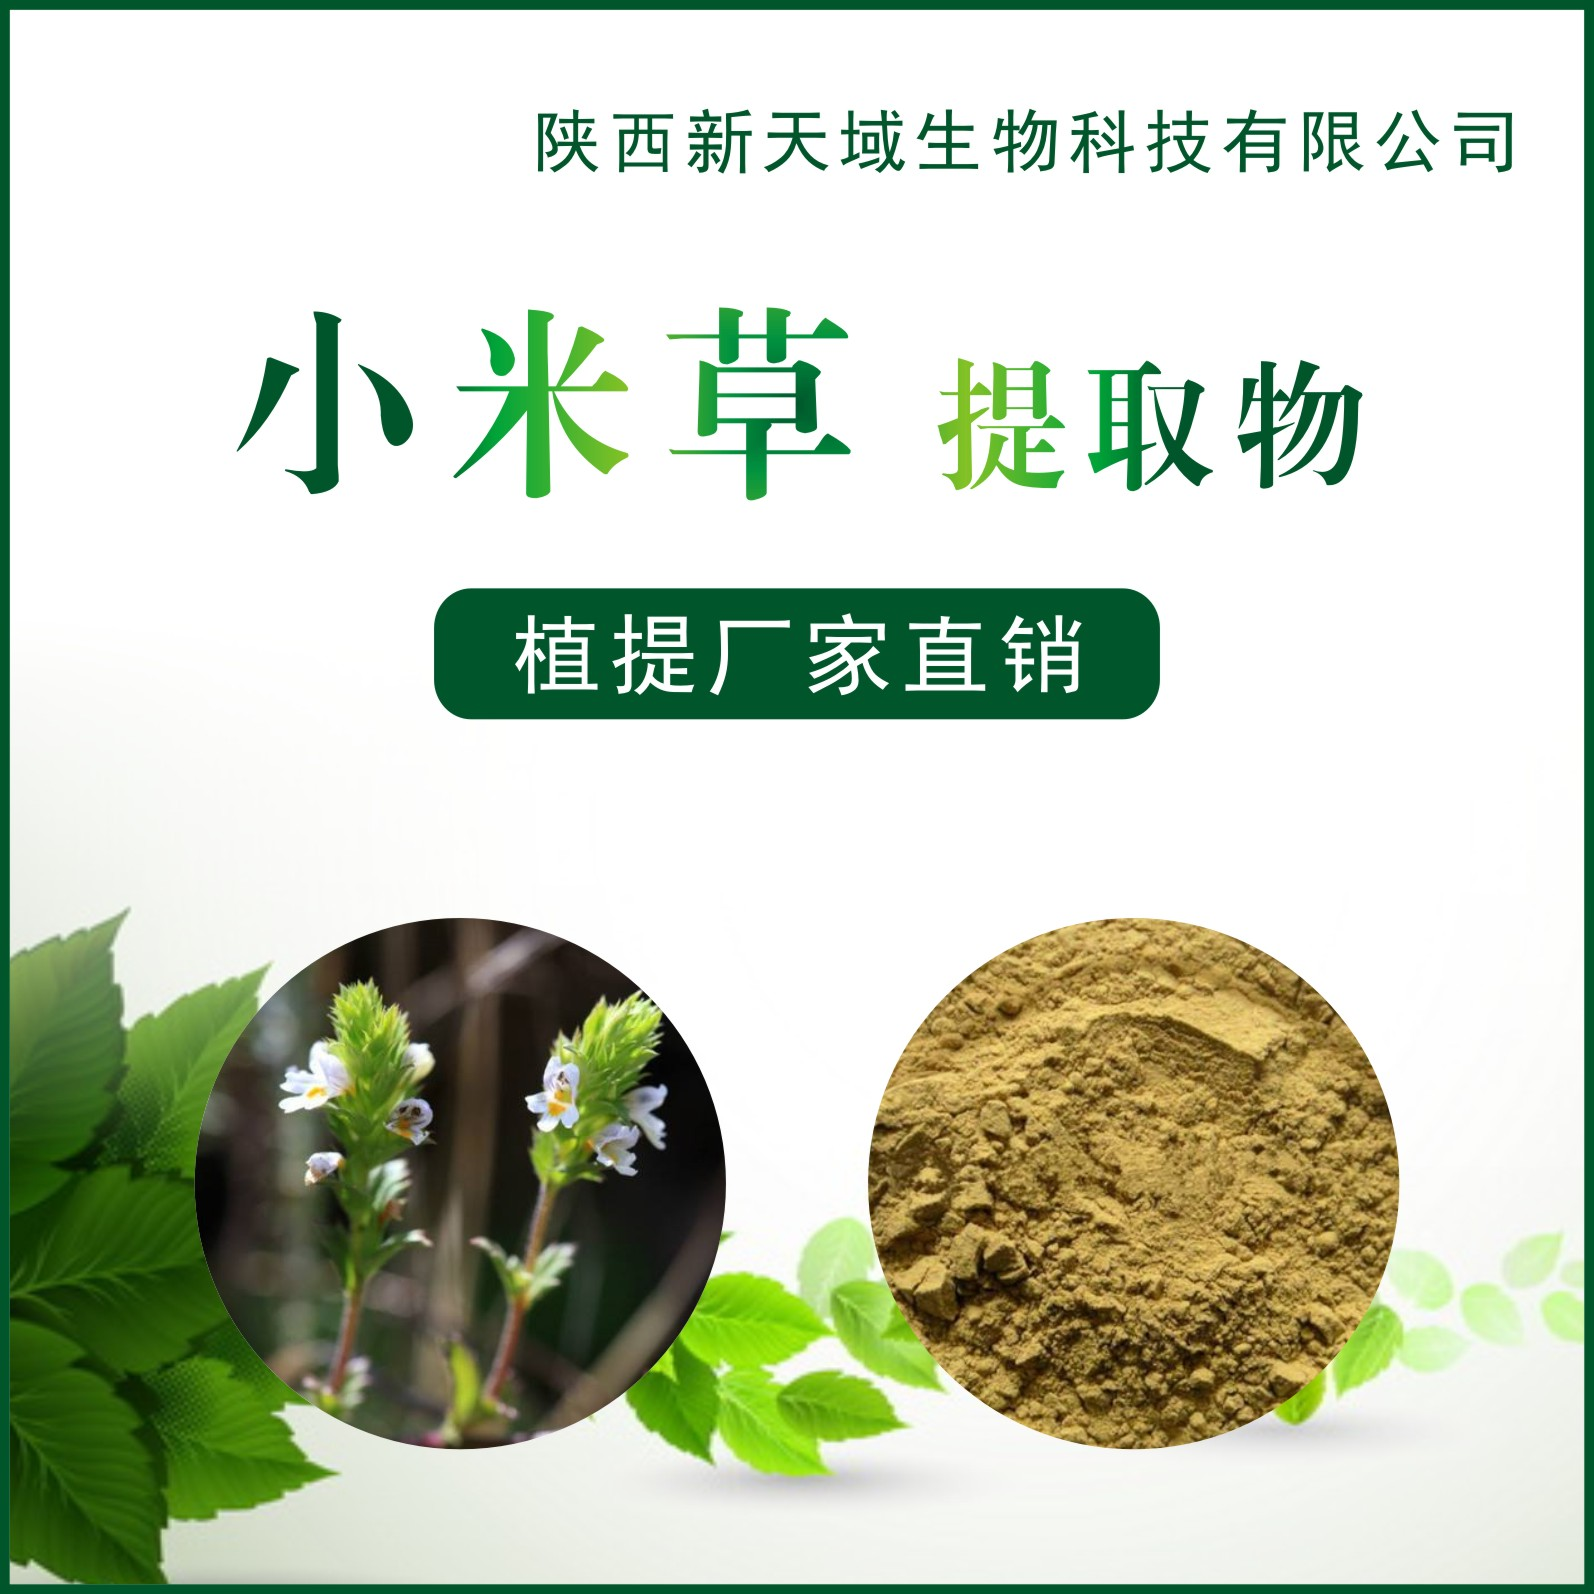 专业生产优质小米草提取物 小米草粉 现货包邮